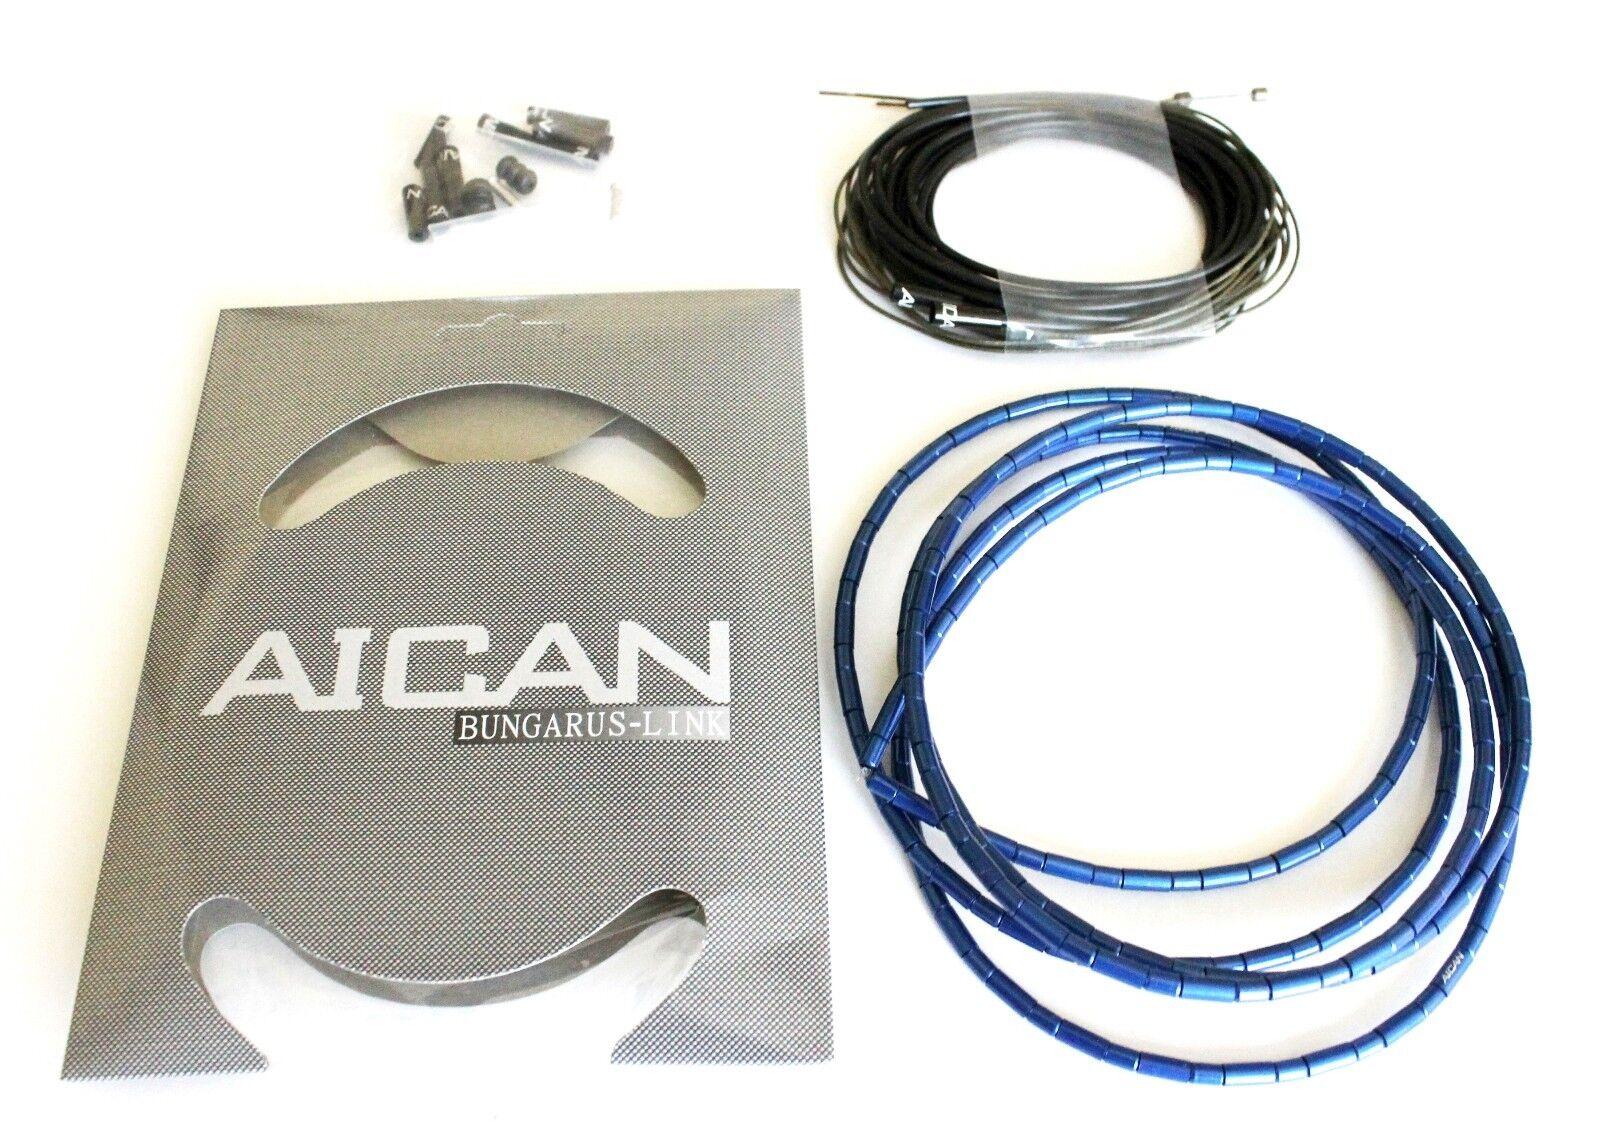 AICAN Superlight Bungarus SHIFT DERAILLEUR Cable Housing set kit I-Link, Blau